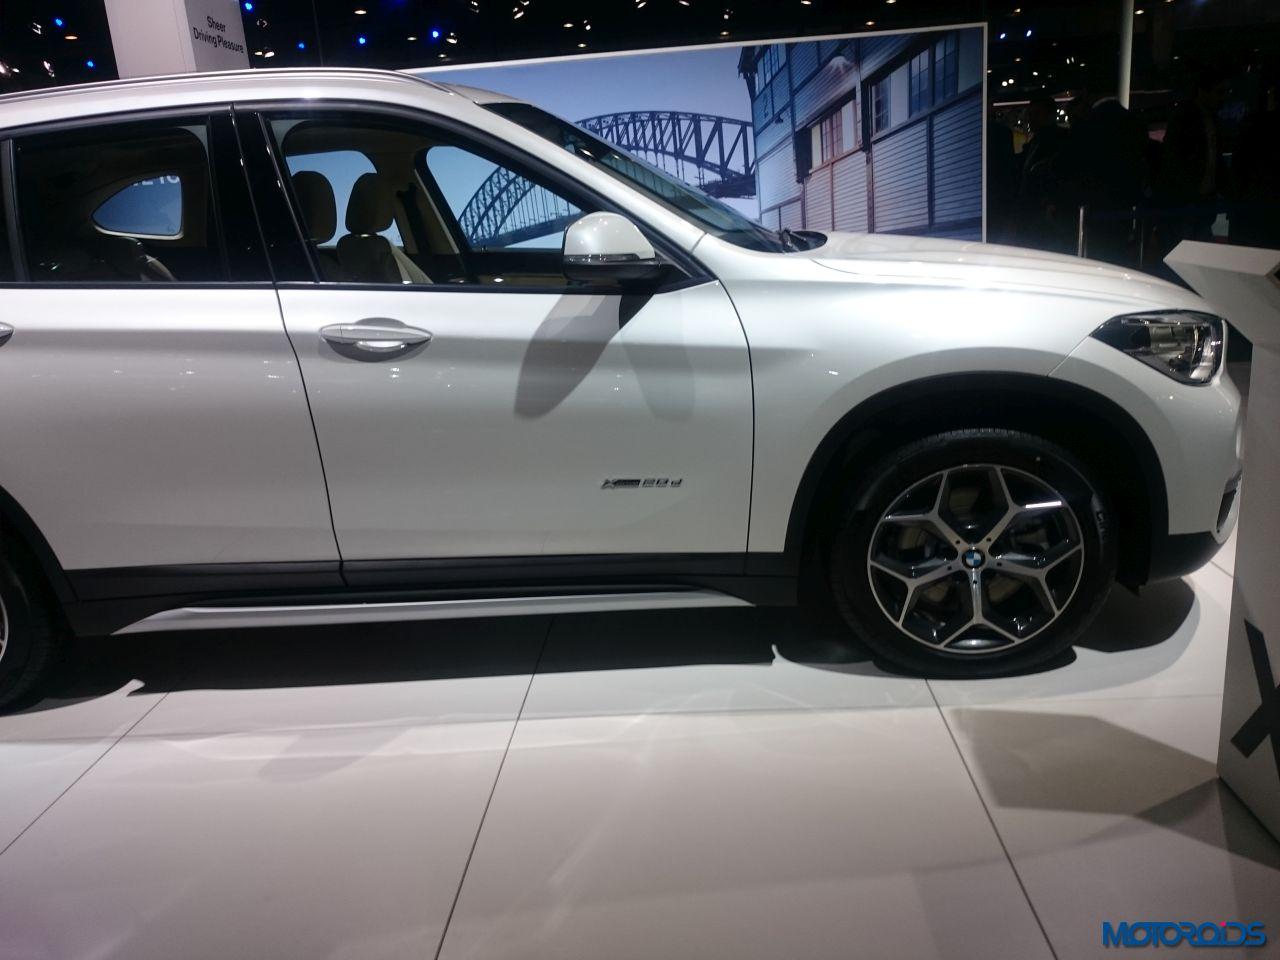 New BMW X1 Auto Expo 2016 (10)